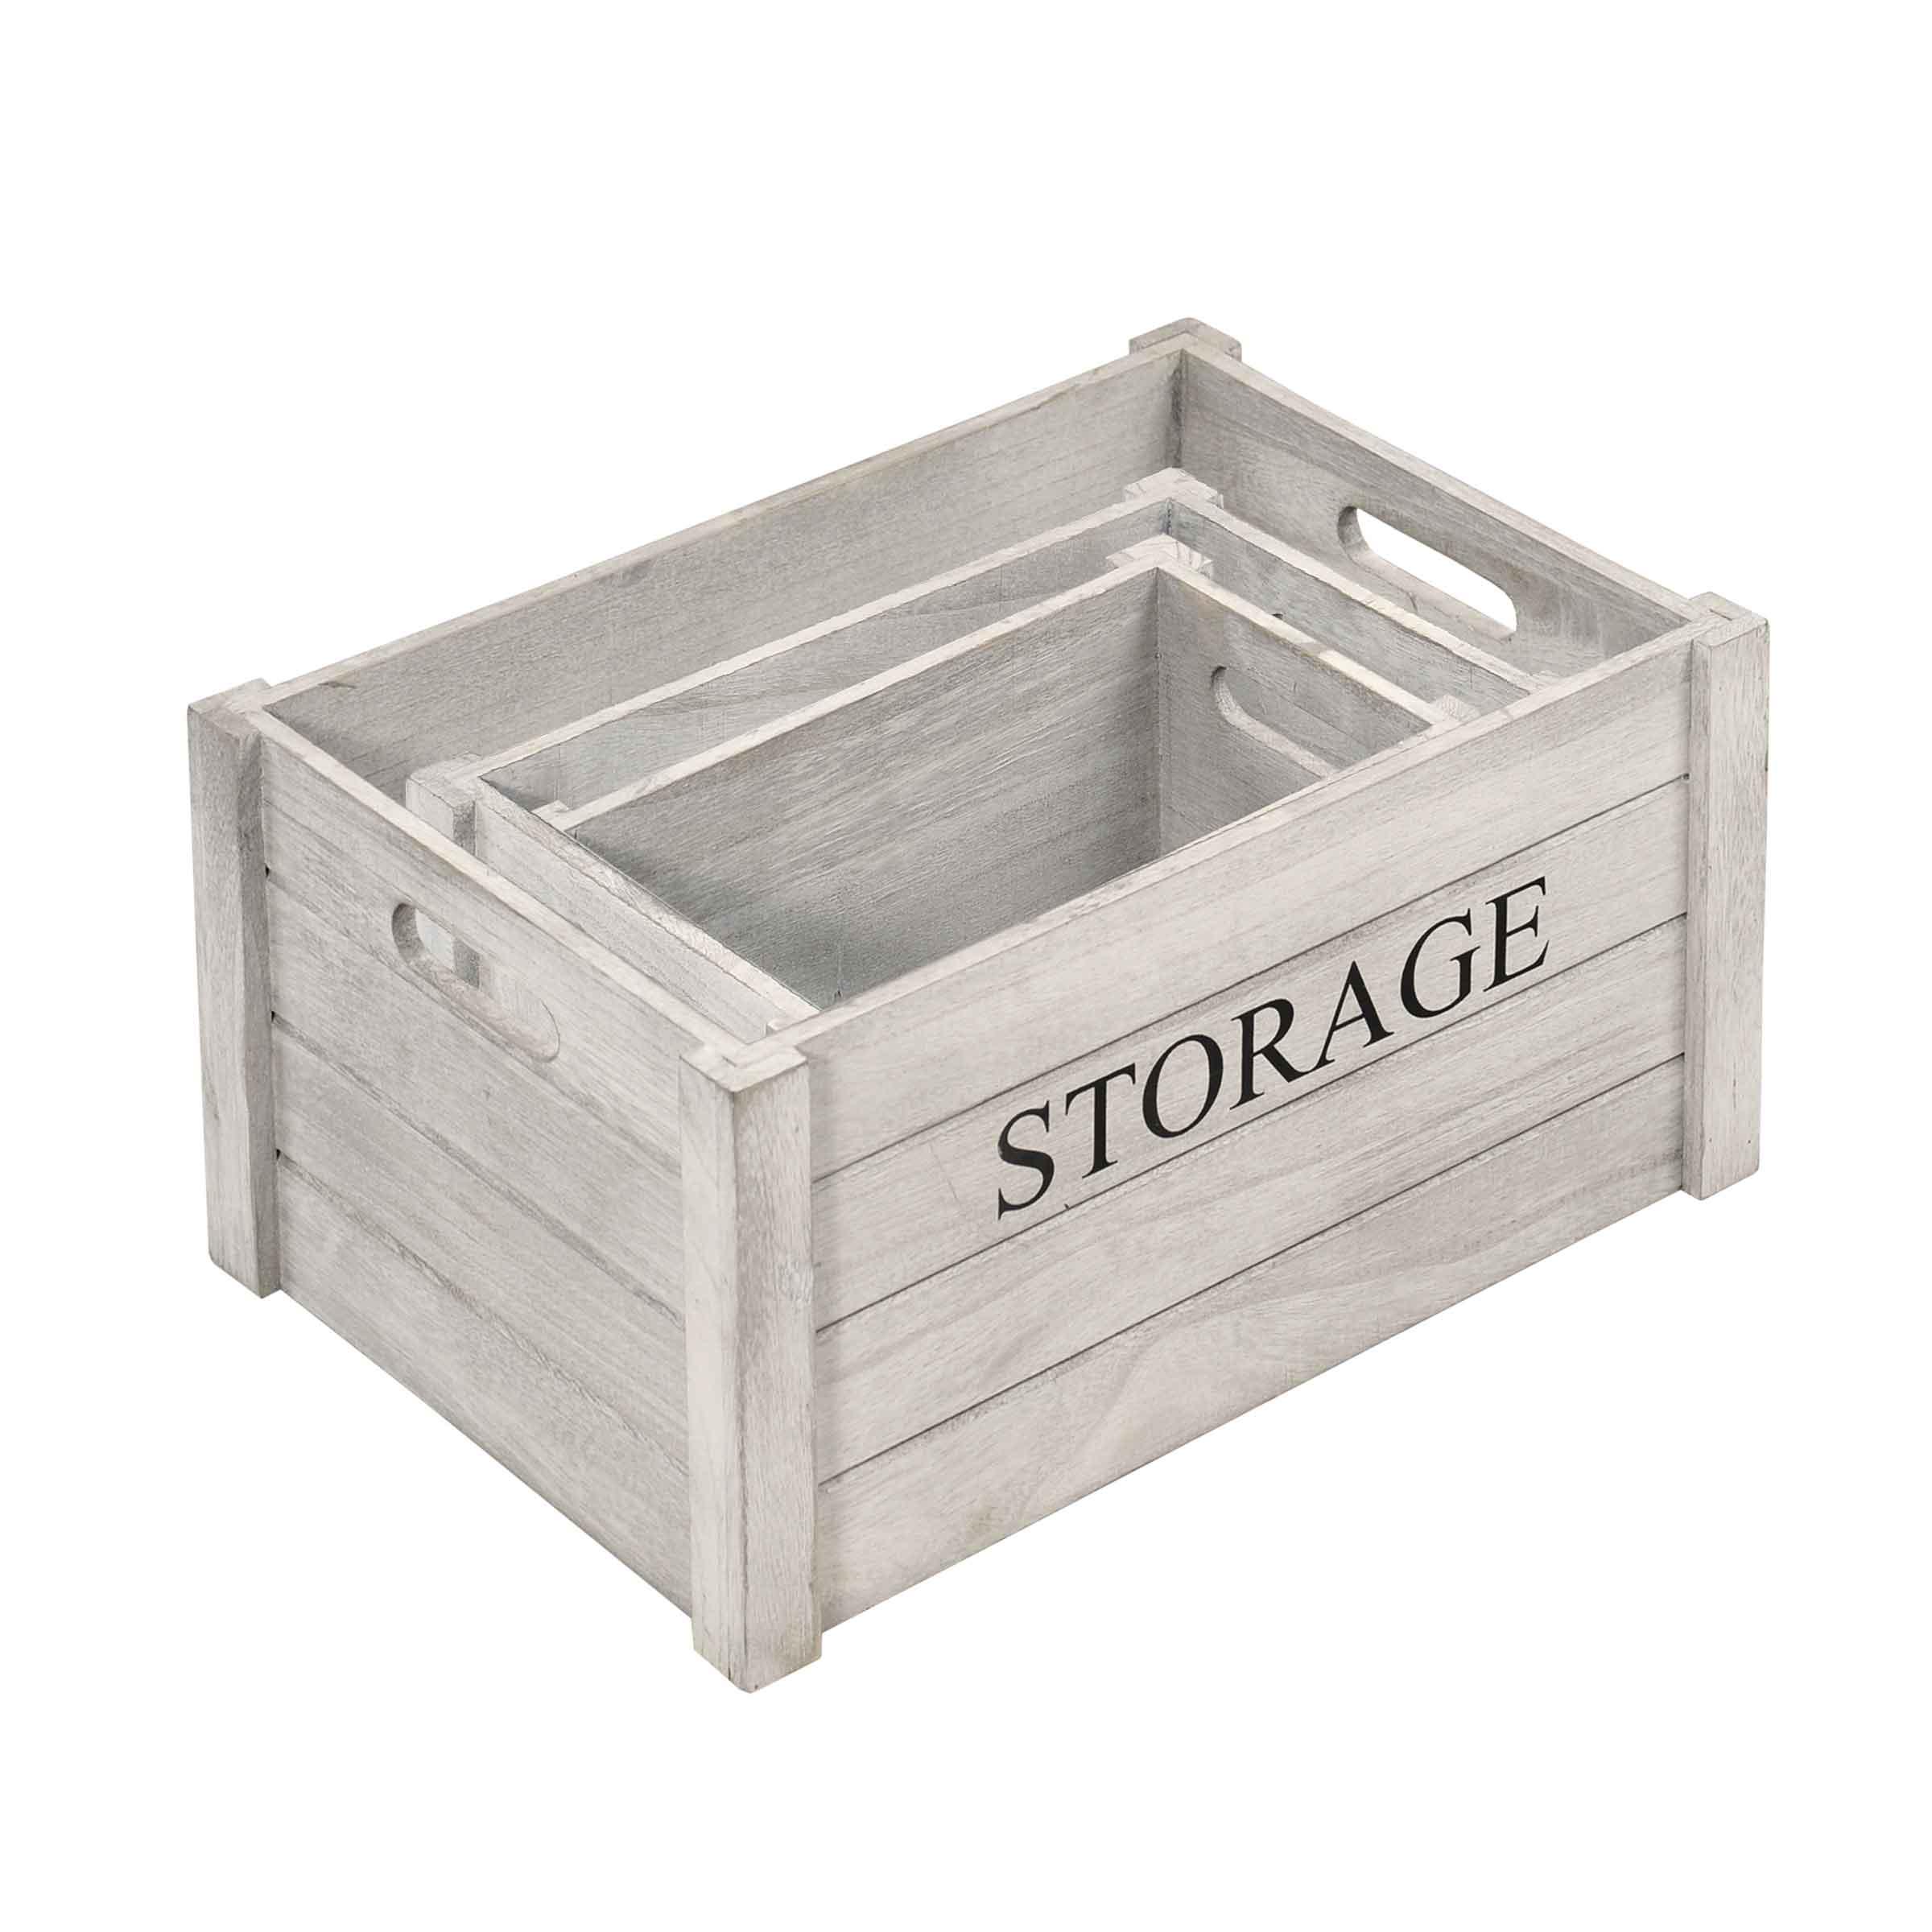 Caisse de rangement taille L en bois gris patiné avec inscription storage